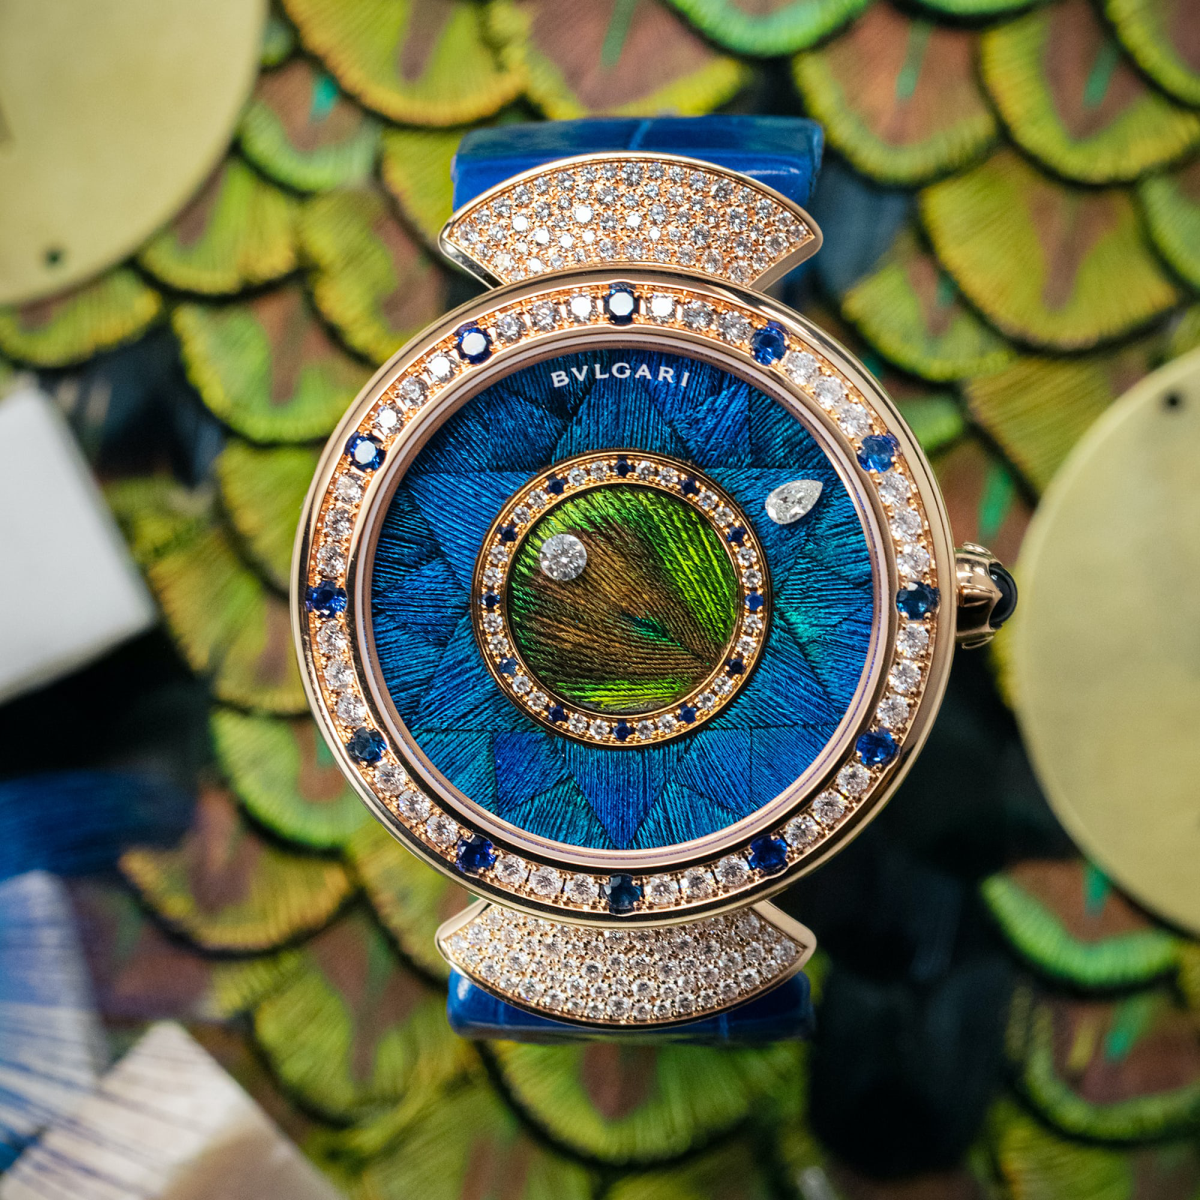 đồng hồ lông công Bvlgari Diva's Dream Peacock Dischi LVMH 2021